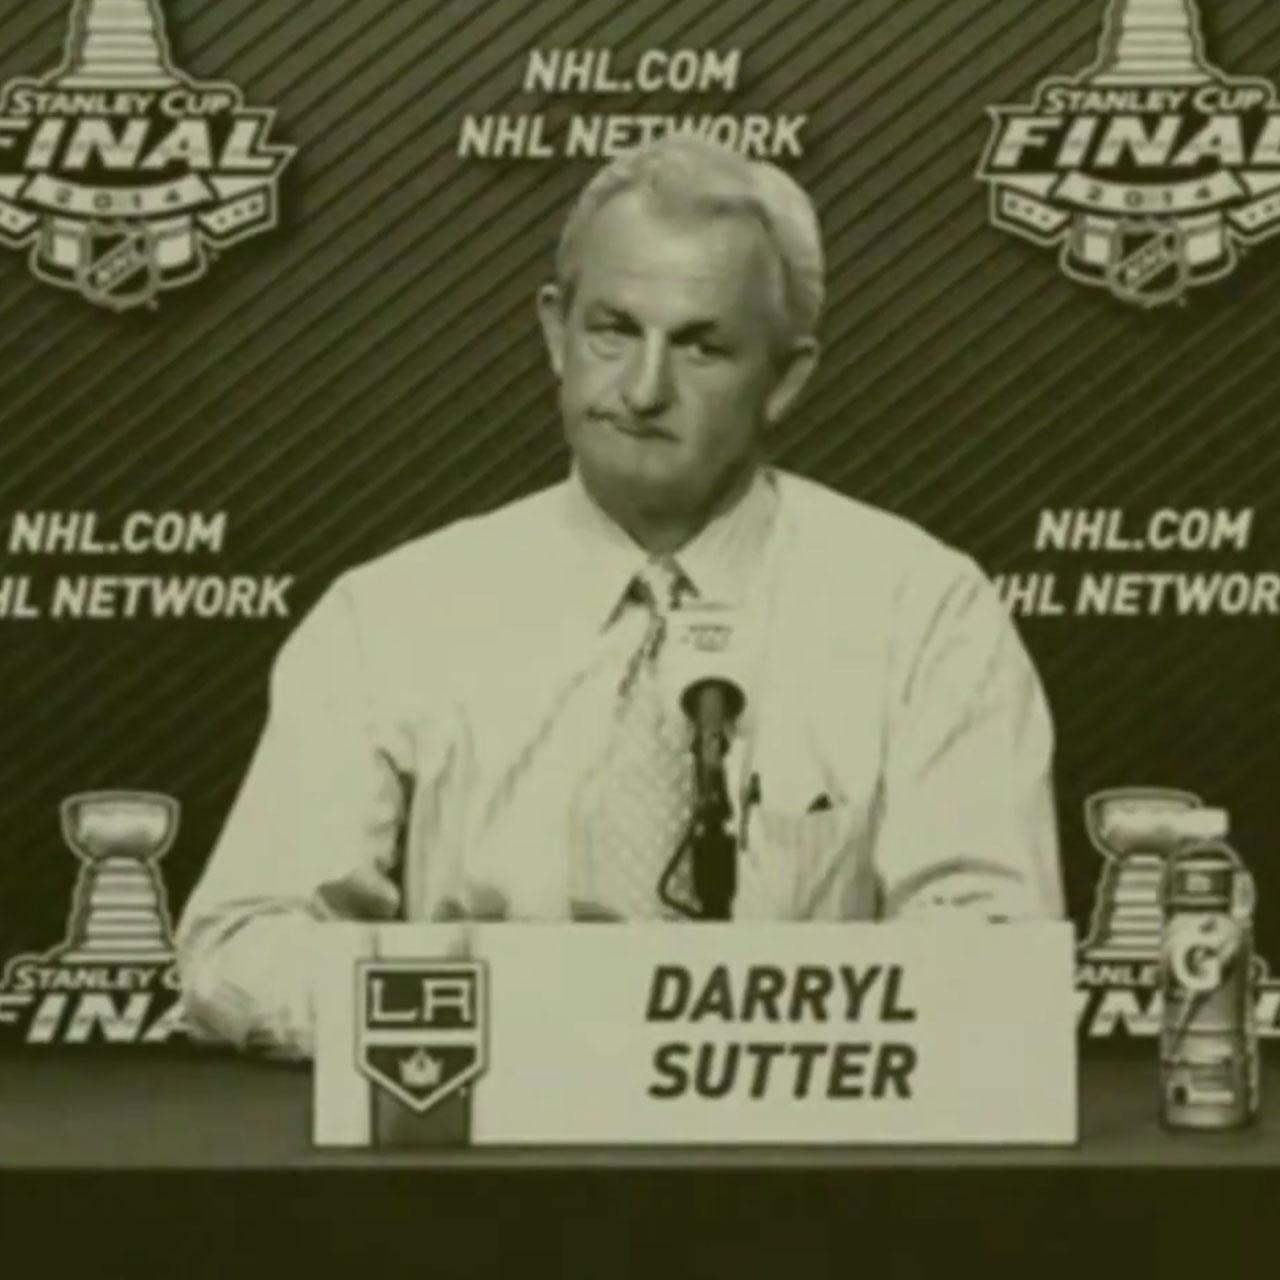 LA Kings coach Darryl Sutter